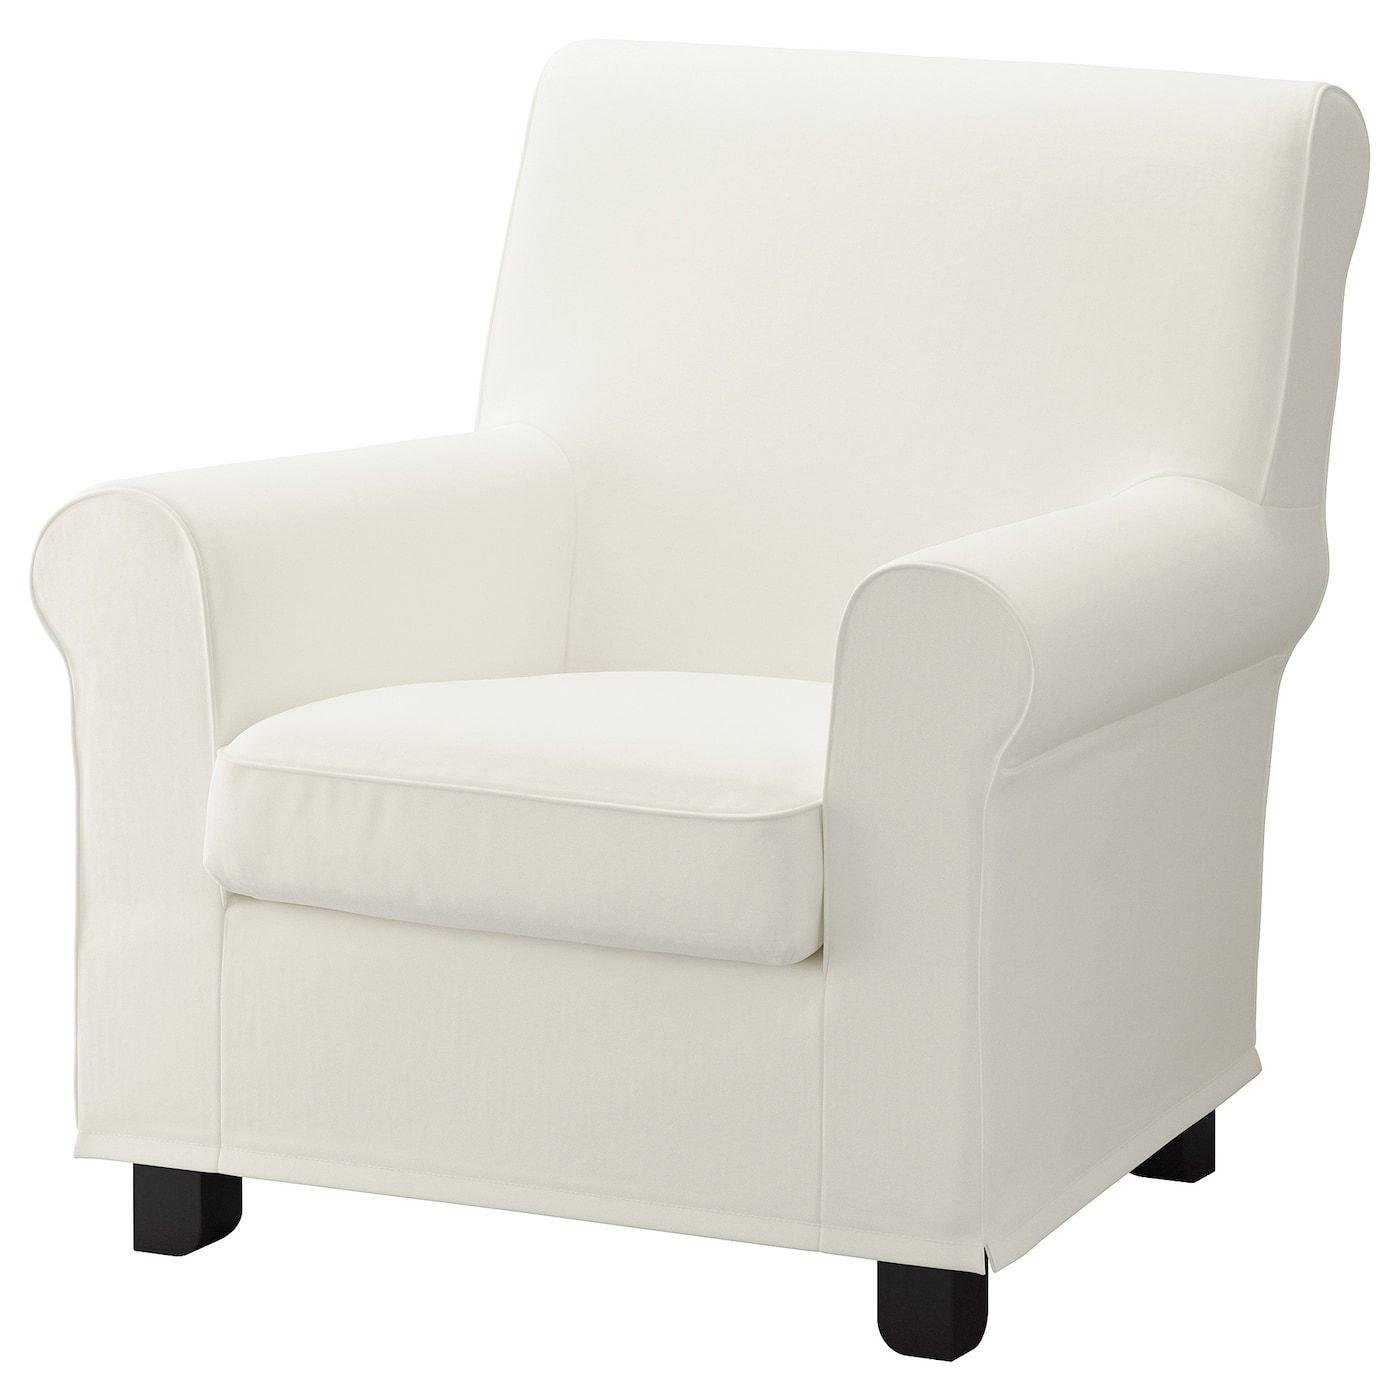 Gronlid Fauteuil Inseros Wit Ikea Ikea Armchair Armchair Ikea